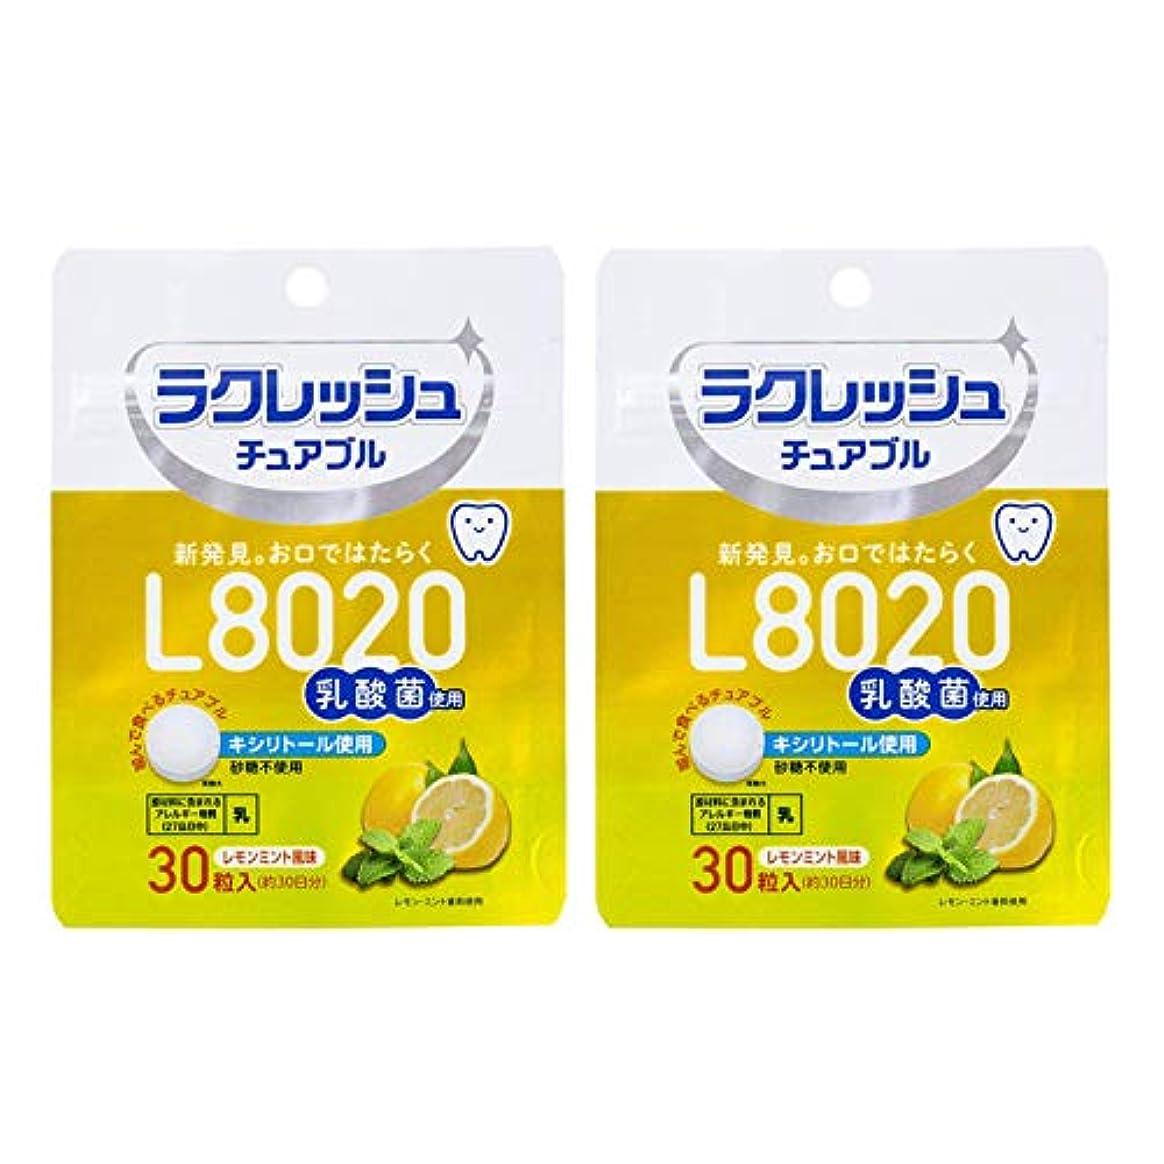 分子半ばスクレーパーラクレッシュ L8020 乳酸菌 チュアブル レモンミント風味 オーラルケア 30粒入×2袋